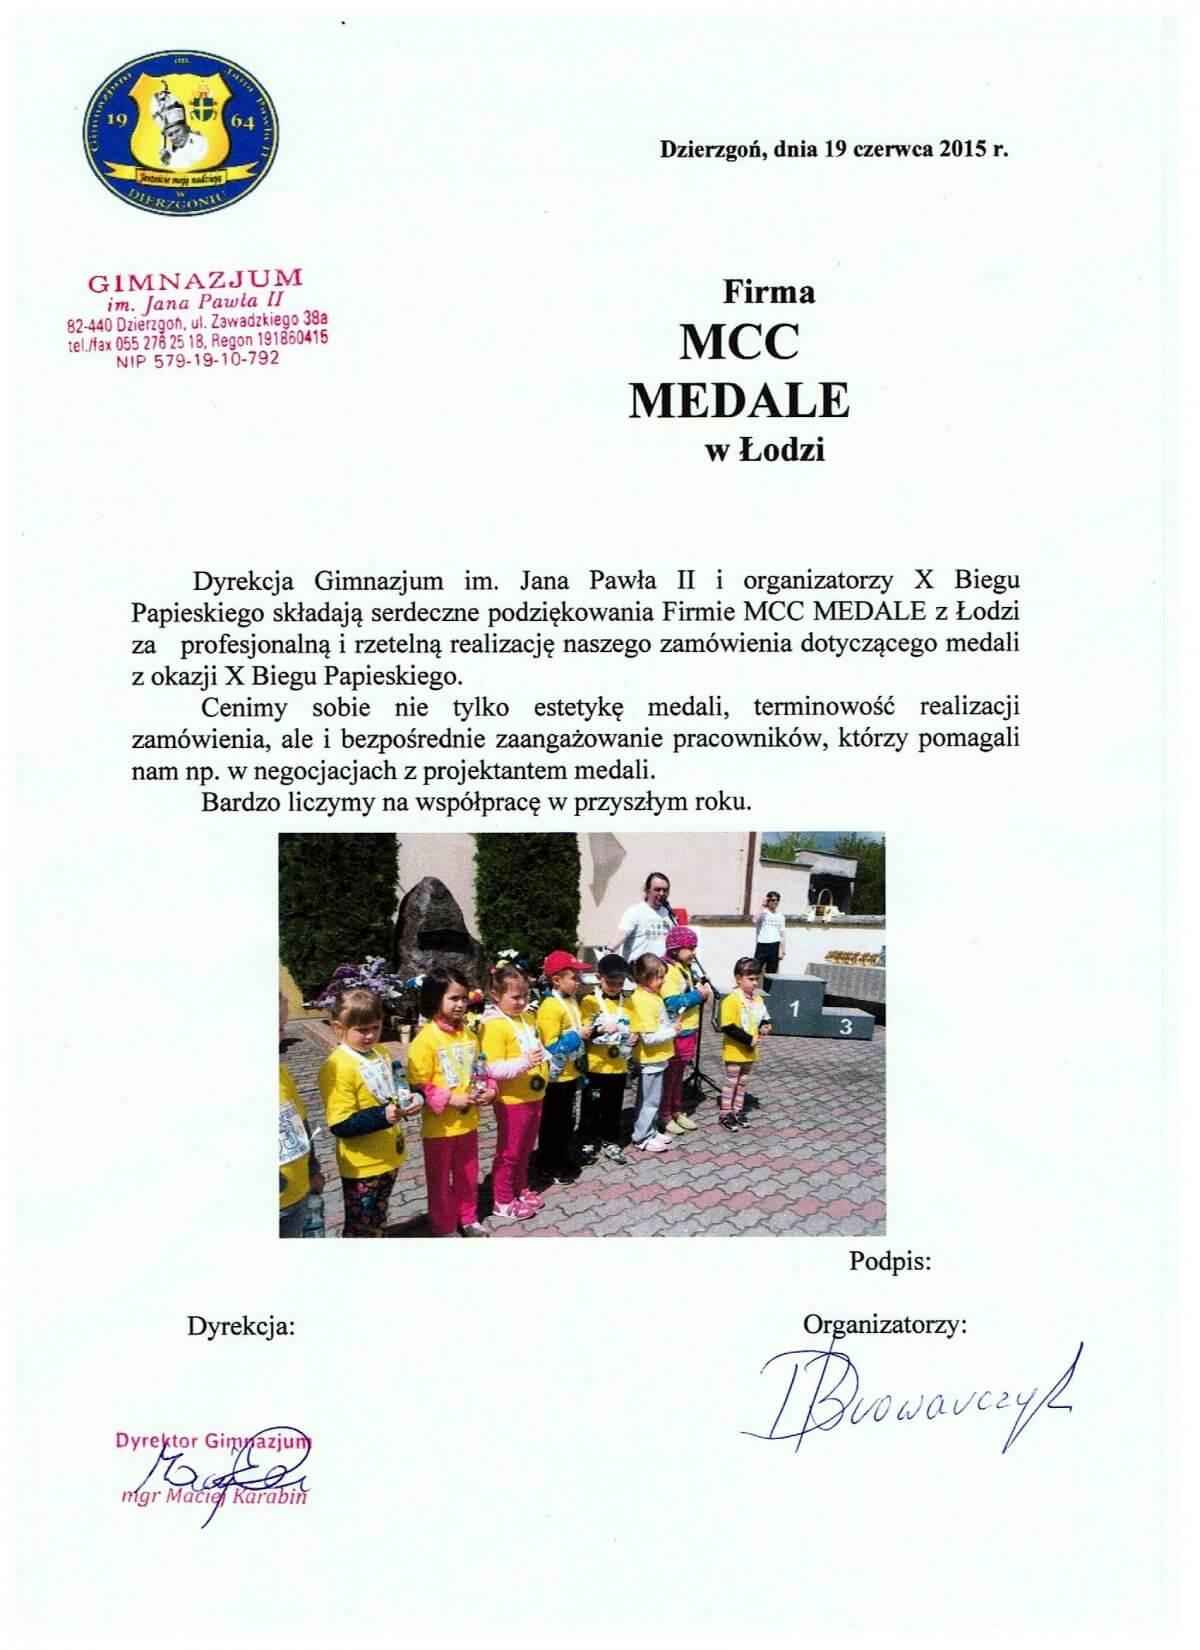 Rekomendacje dla Firmy MCC Medale przez Gimnazjum w Dzierzgoniu za produkcje medali na Bieg Papieski